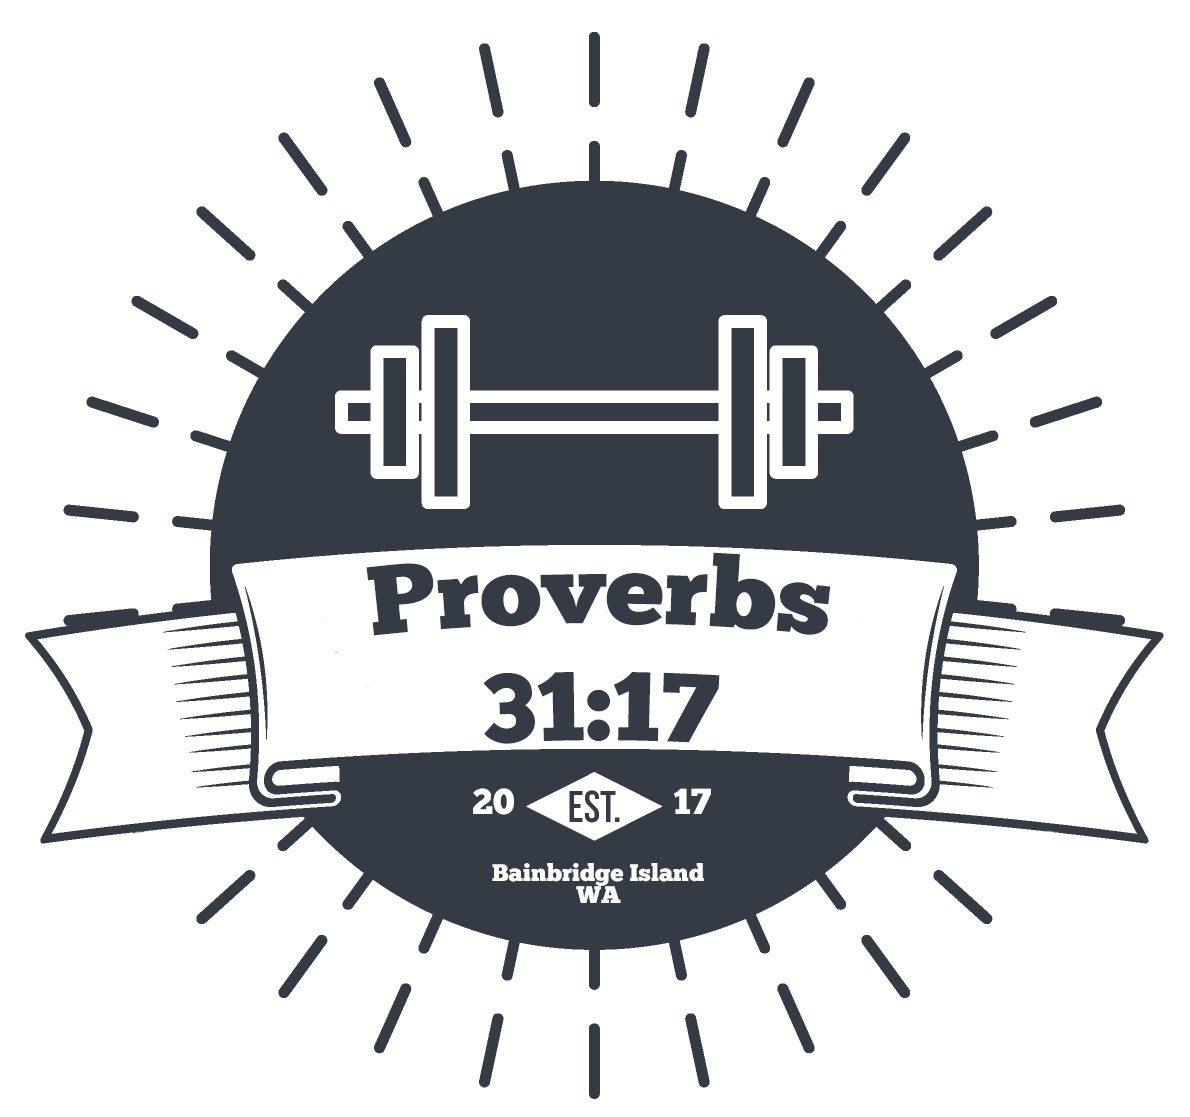 Proverbs 31:17